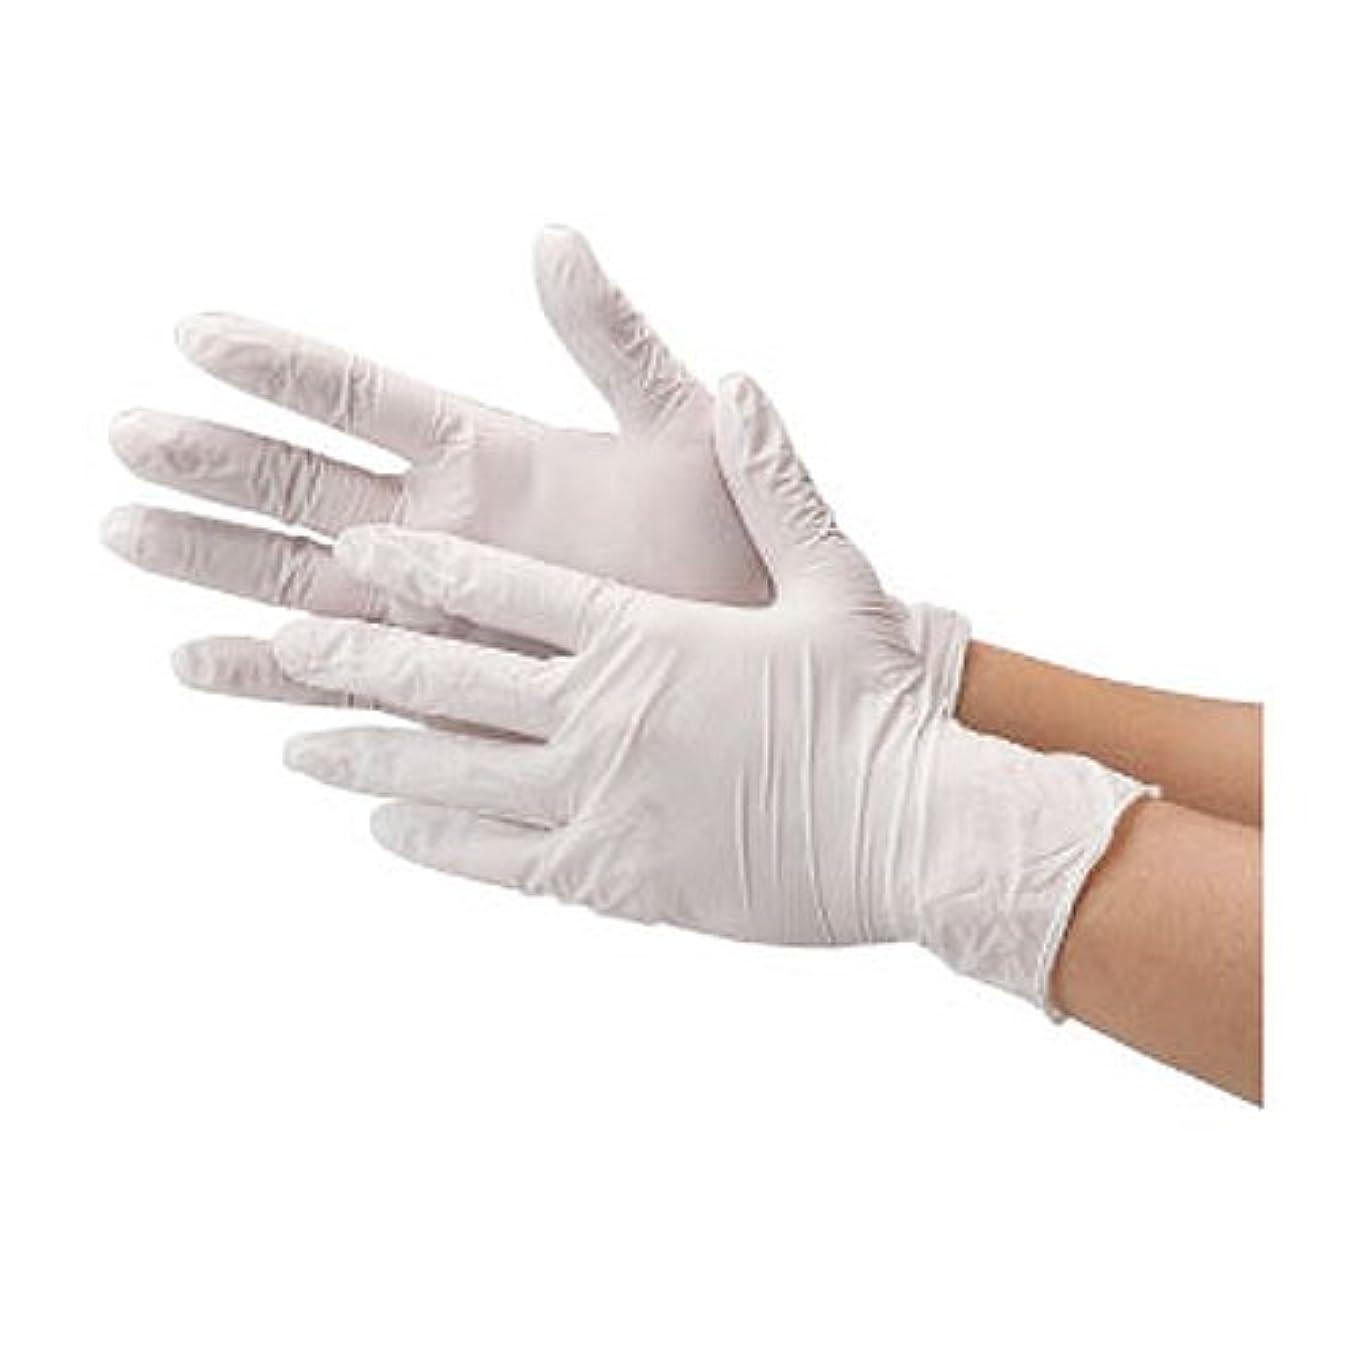 リハーサル燃やすより多い川西工業 ニトリル 使いきり手袋 ストロング 粉無 100枚入り 2037 ホワイトL